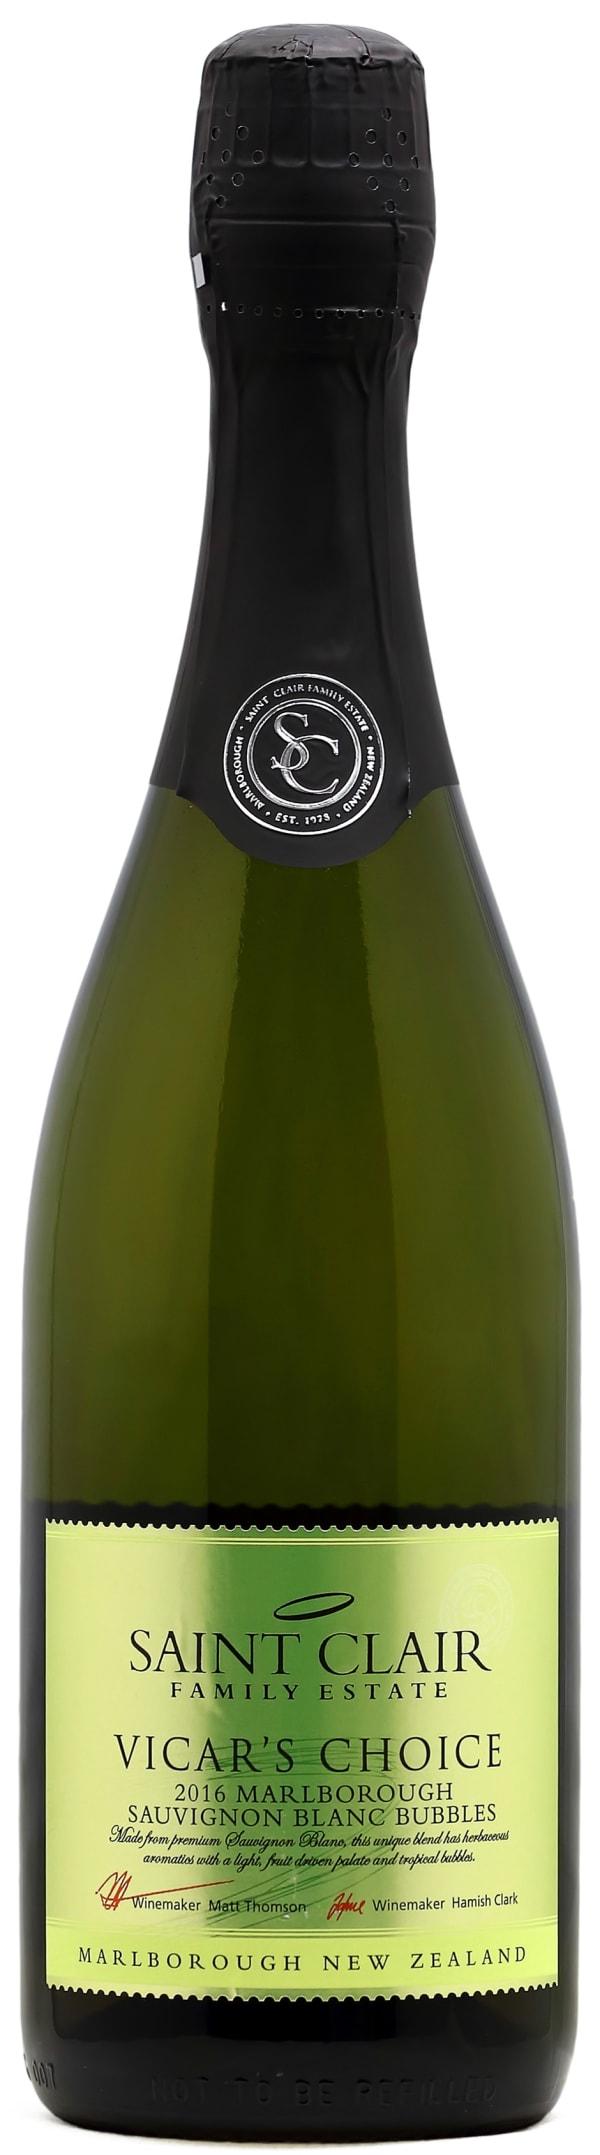 Saint Clair Vicar's Choice Sauvignon Blanc Bubbles Brut 2017